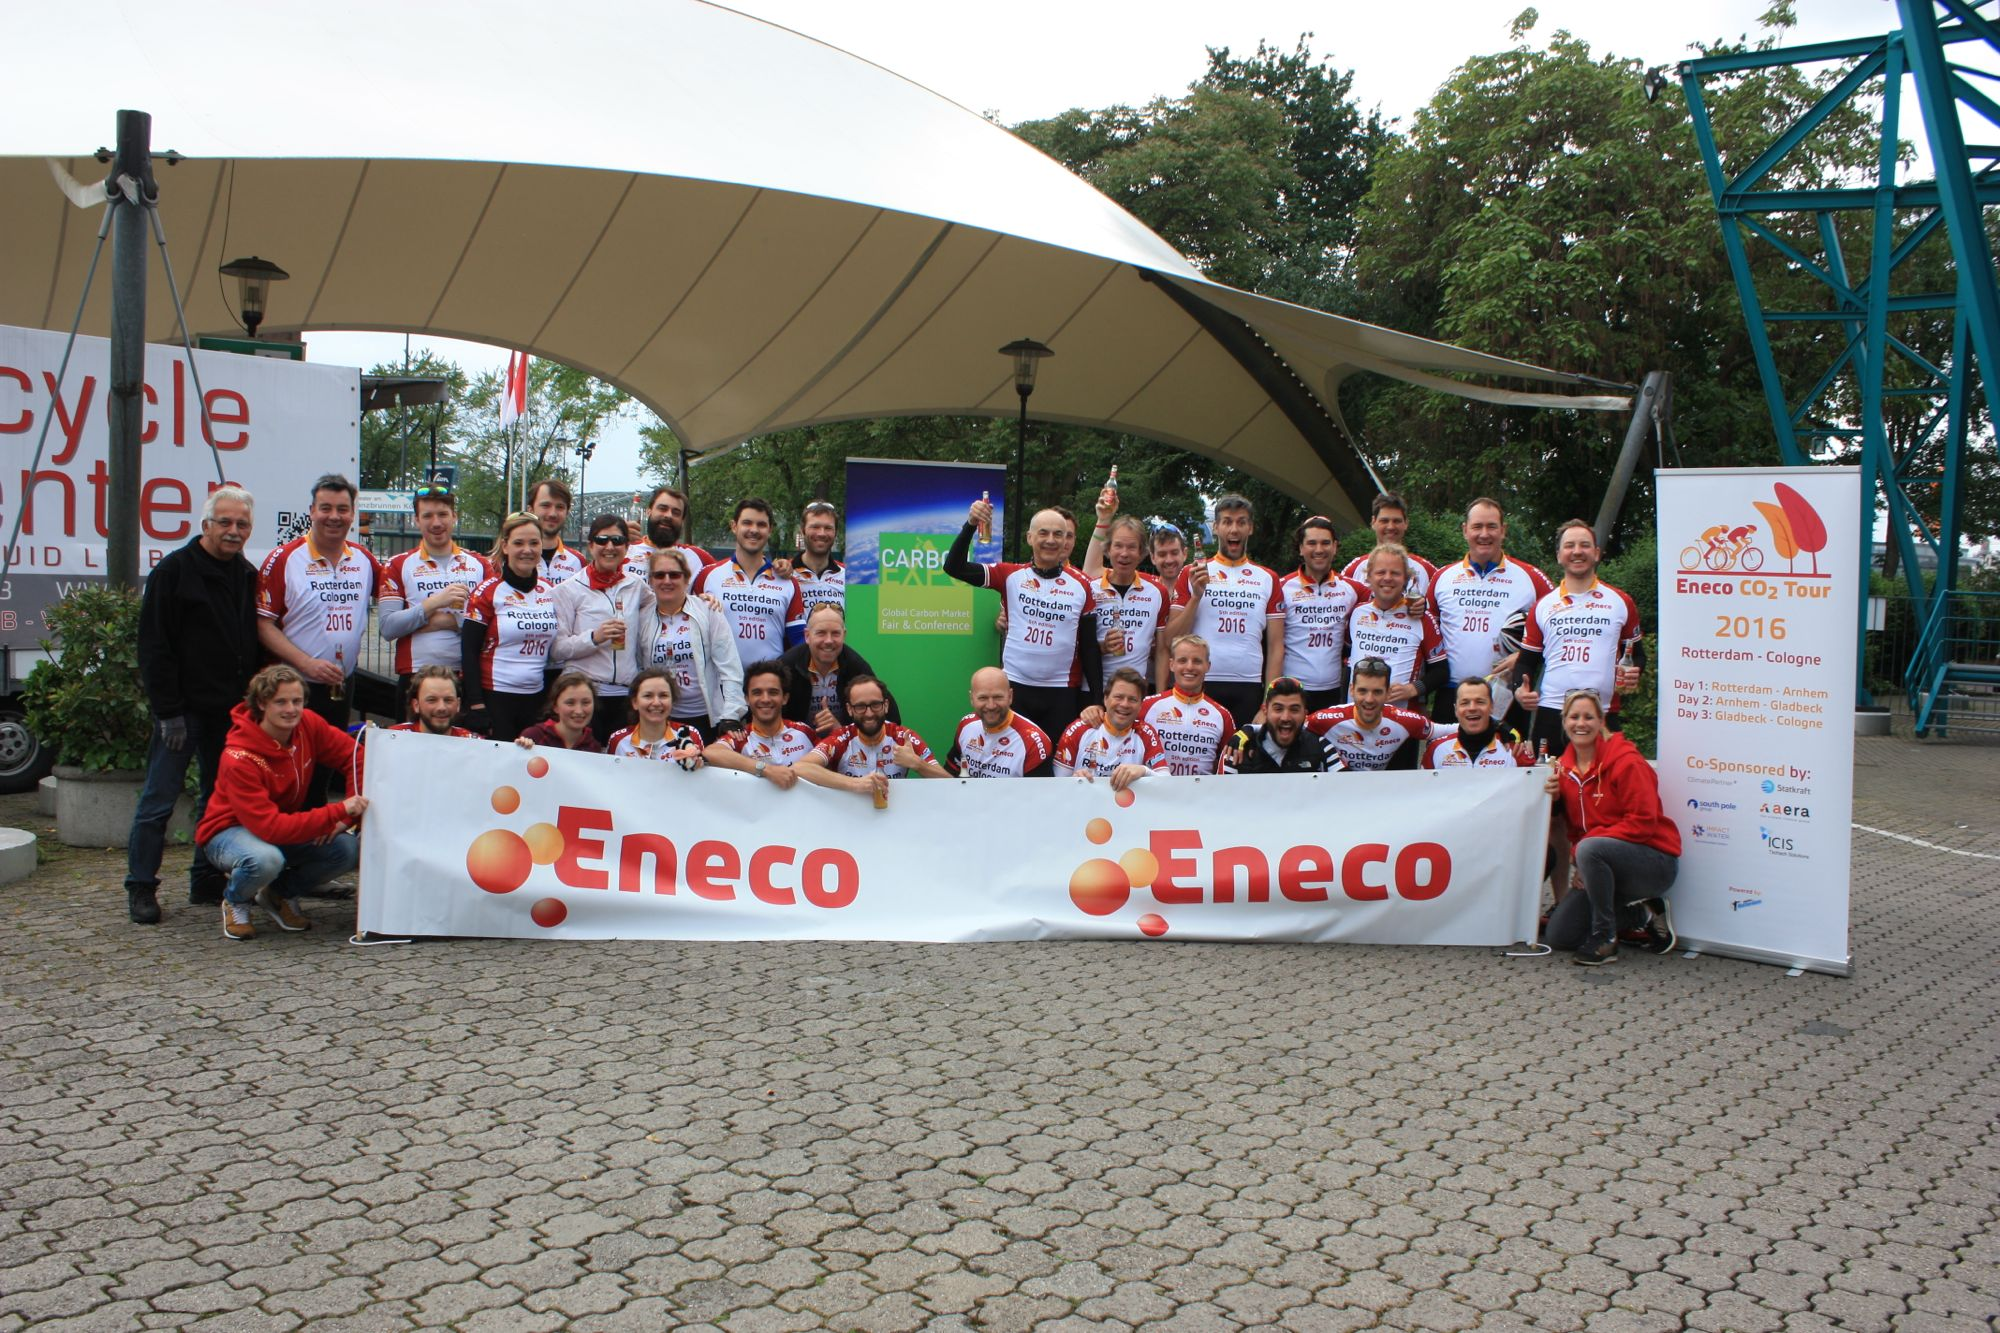 Incentive EneCO2 Tour 2016